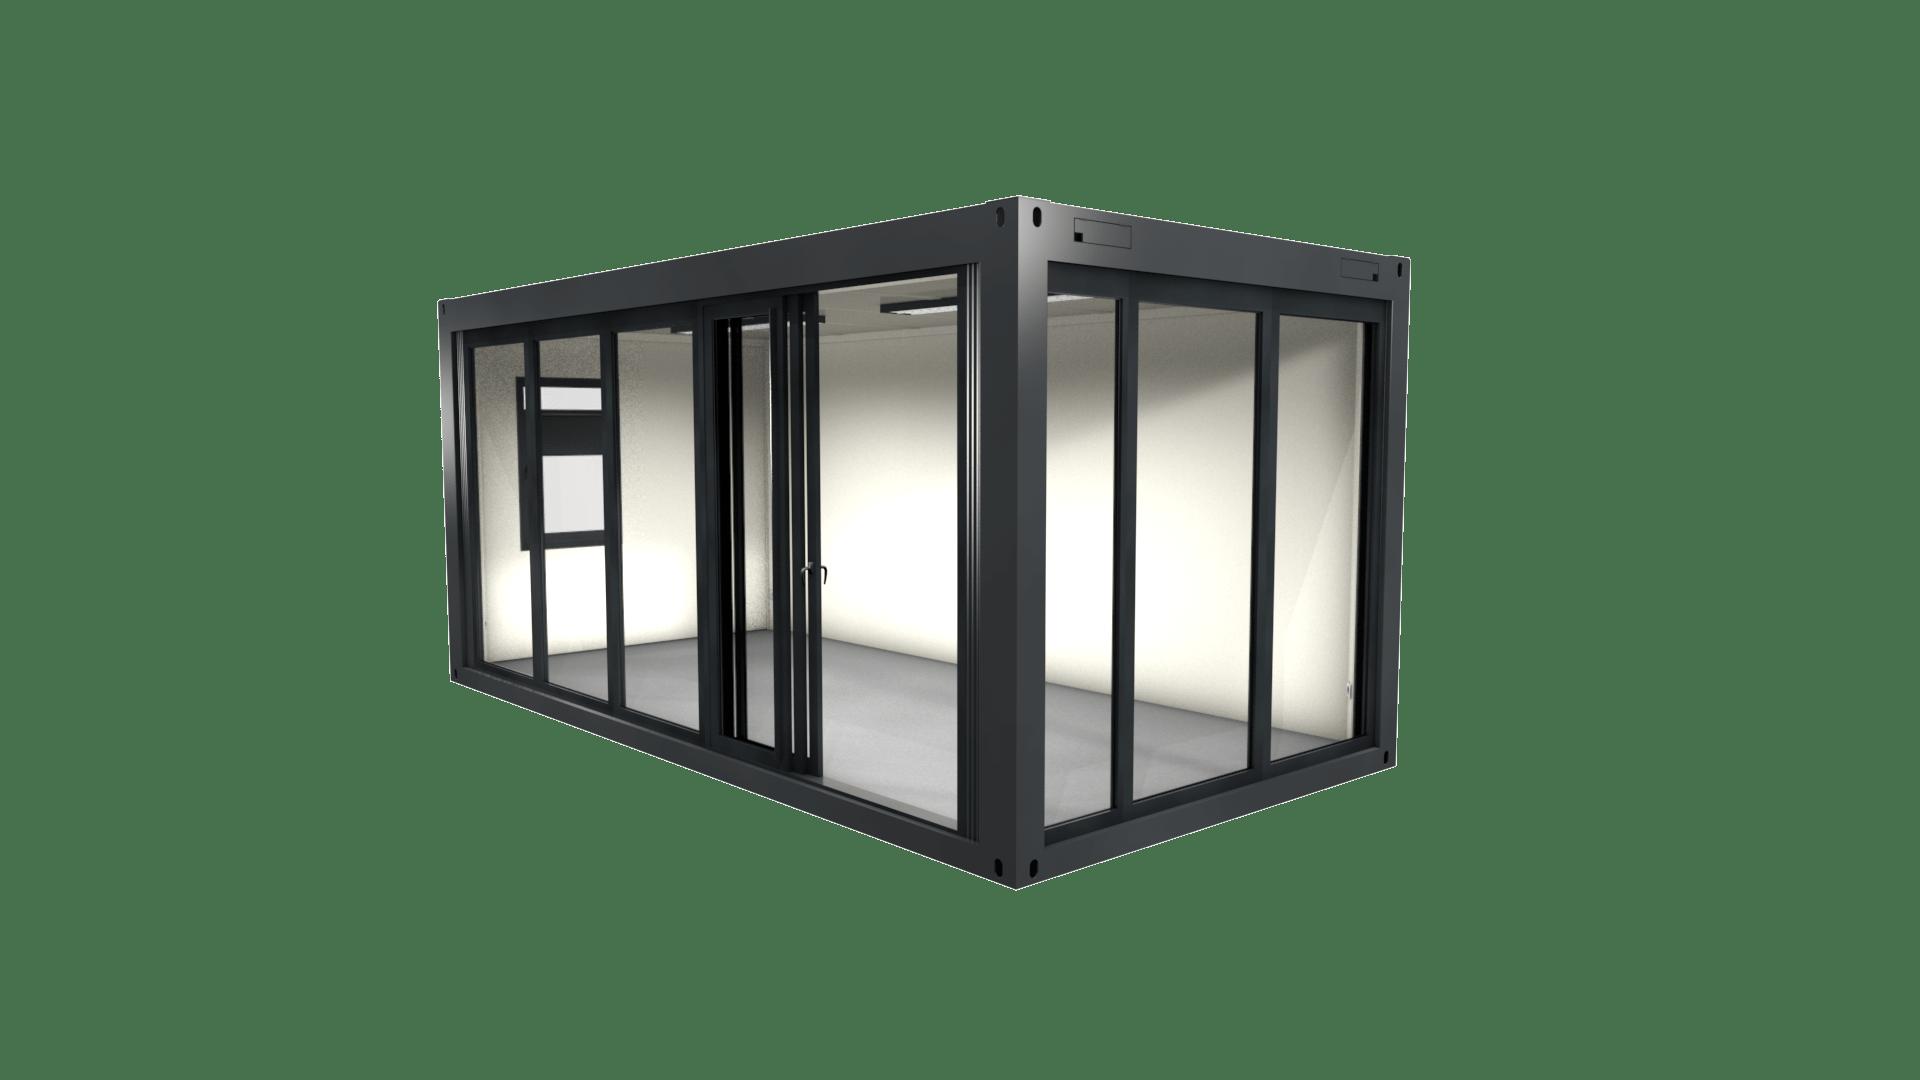 Container Modul 10 mit Verglasung und Fenster